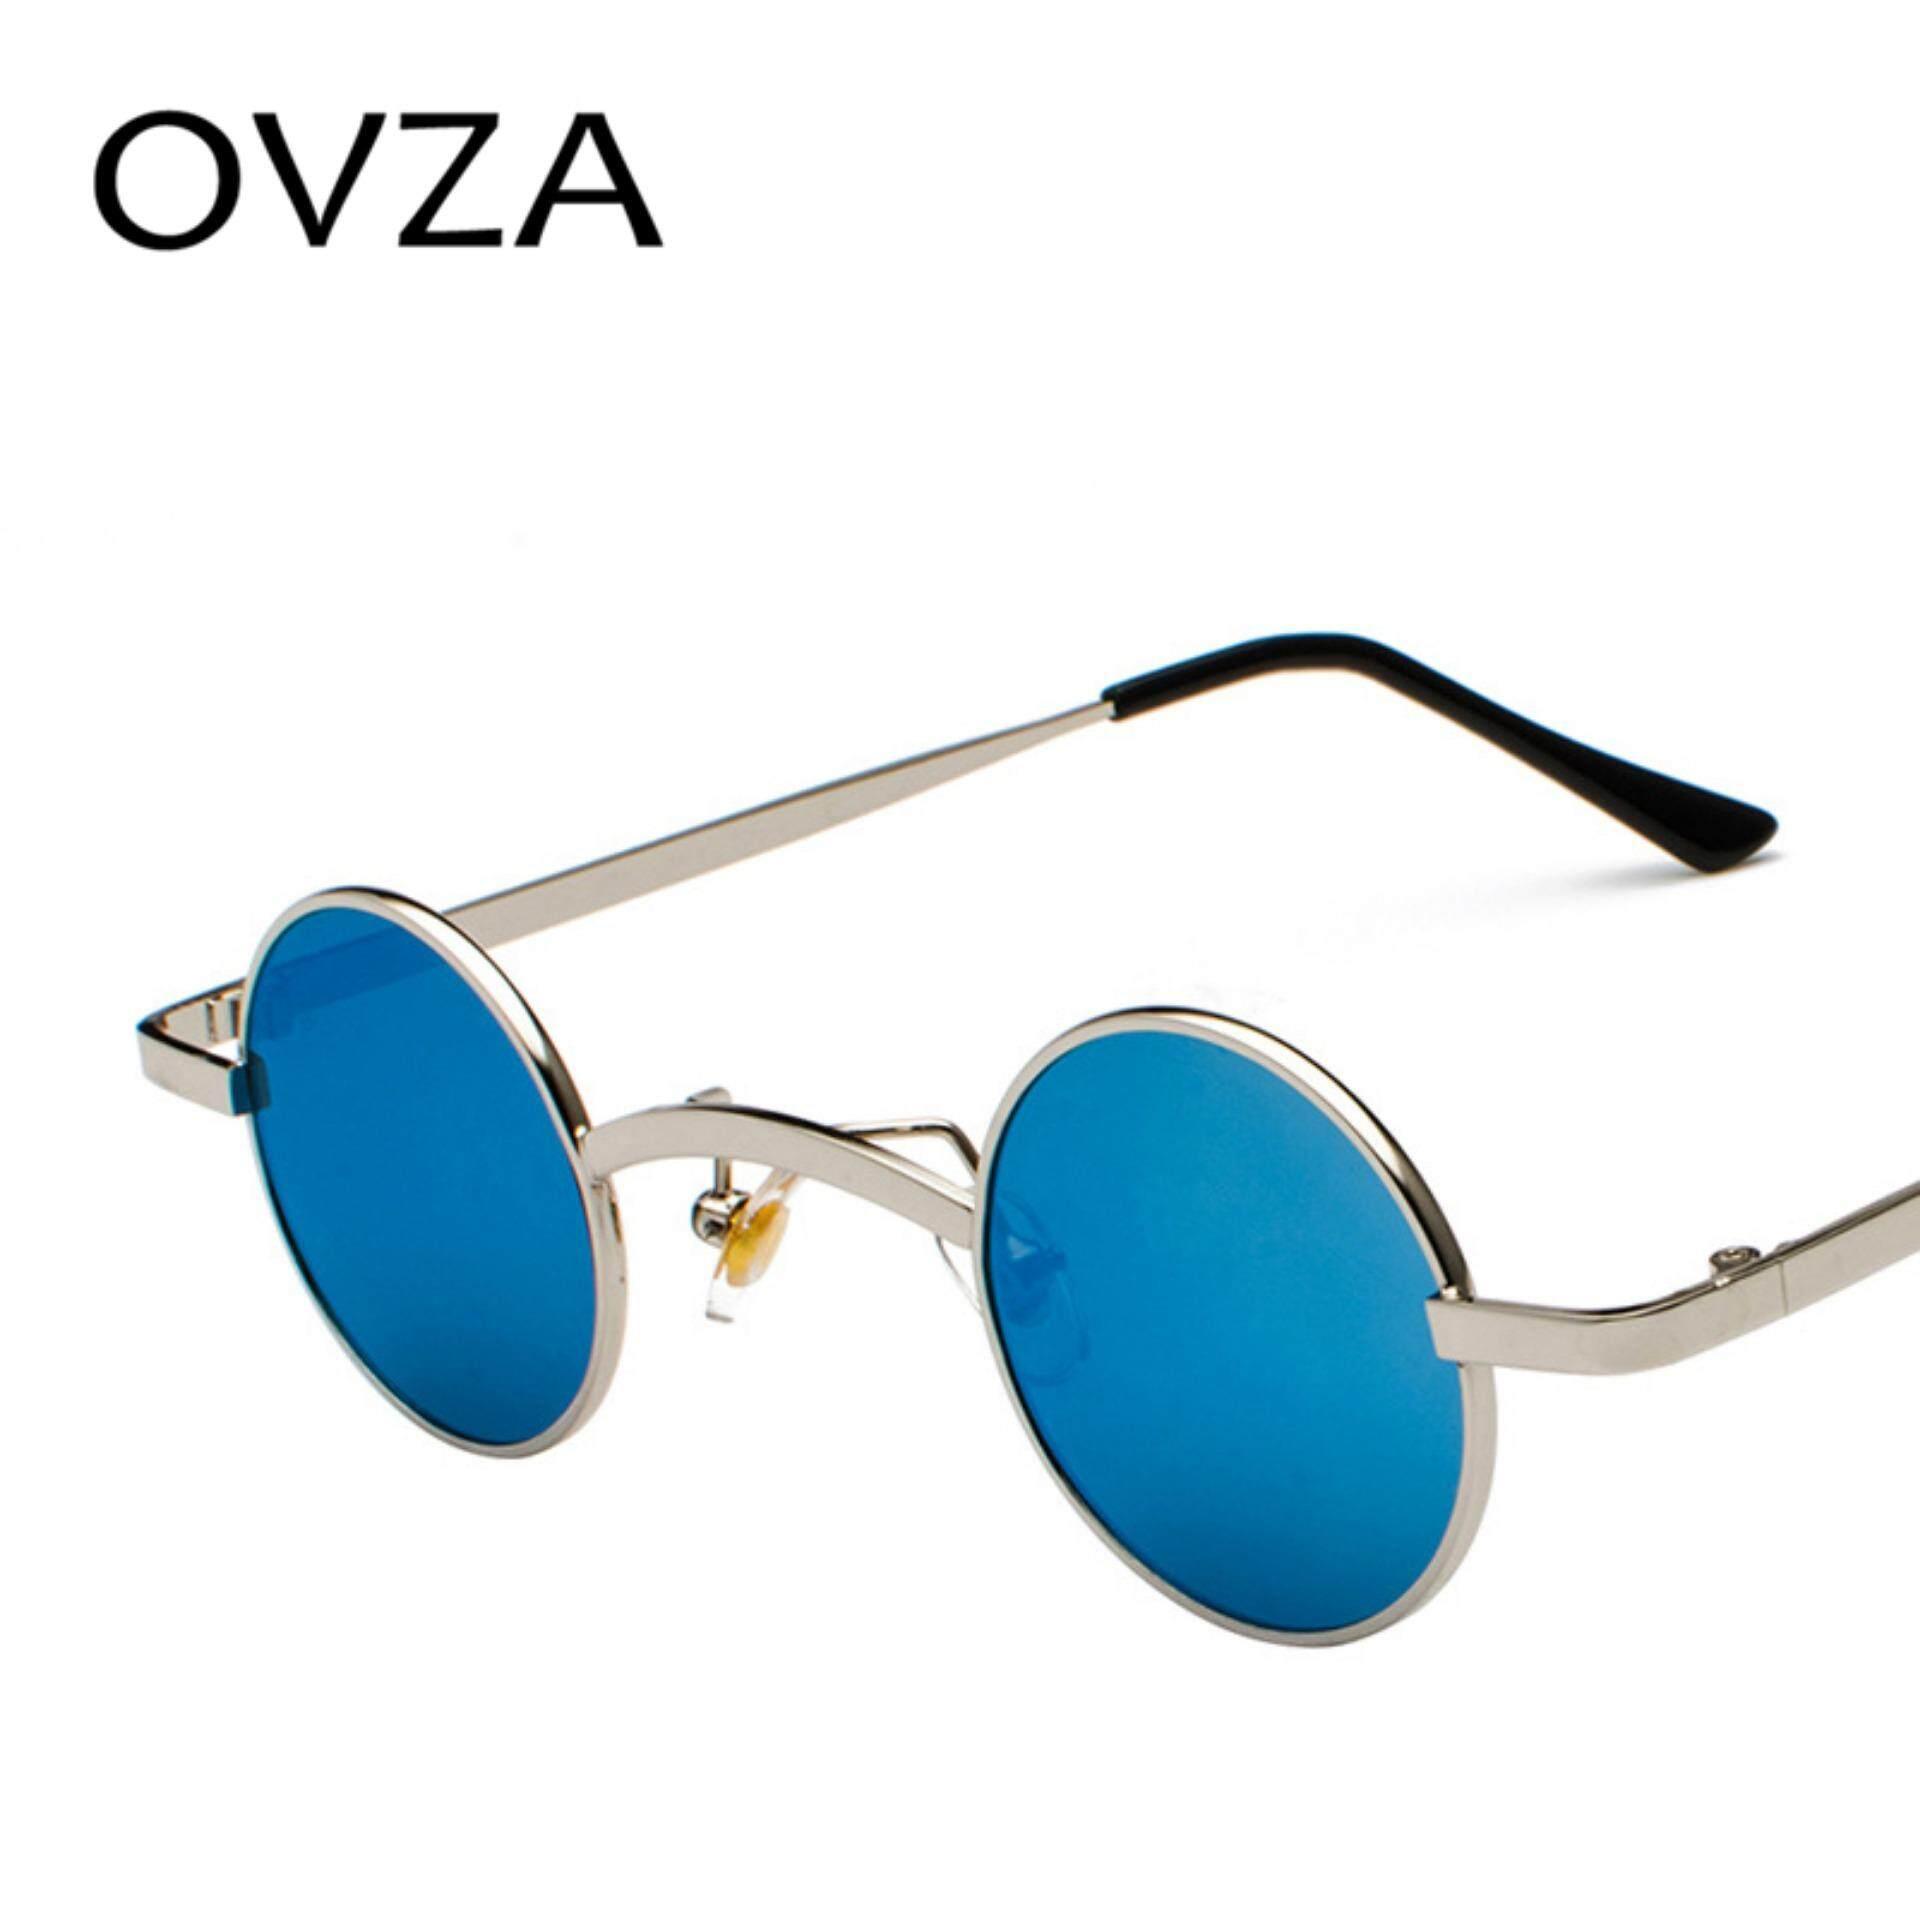 d87cec9a8f7 OVZA Retro Round Sunglasses Mens Brand Designed Women Punk Sunglasses Small  Red Vintage Glasses Mirro Lens